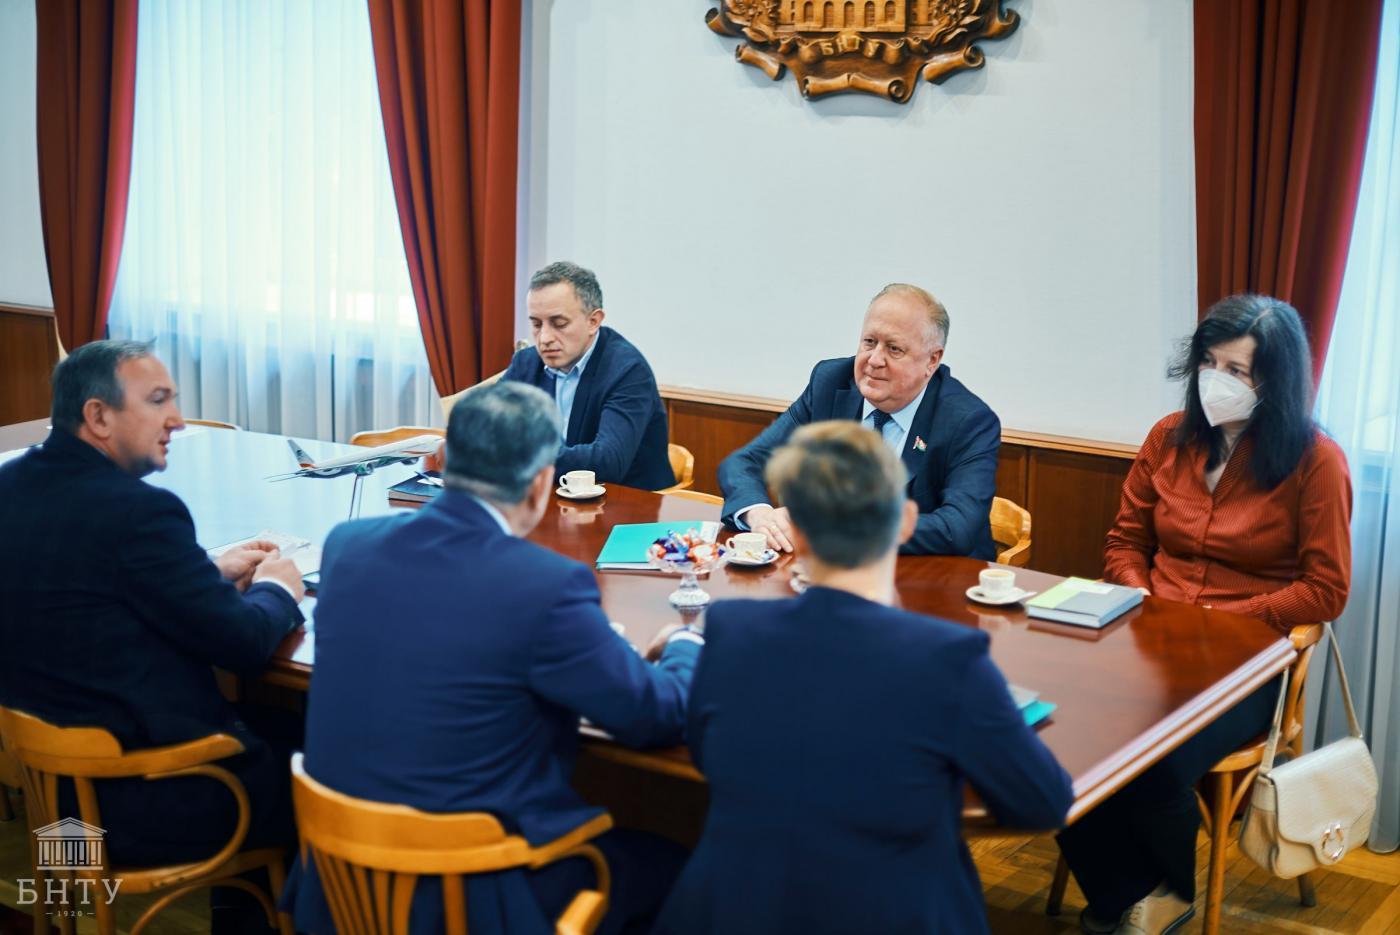 Комиссия по контролю за ходом подготовки и проведения вступительных испытаний в 2021 году посетила БНТУ